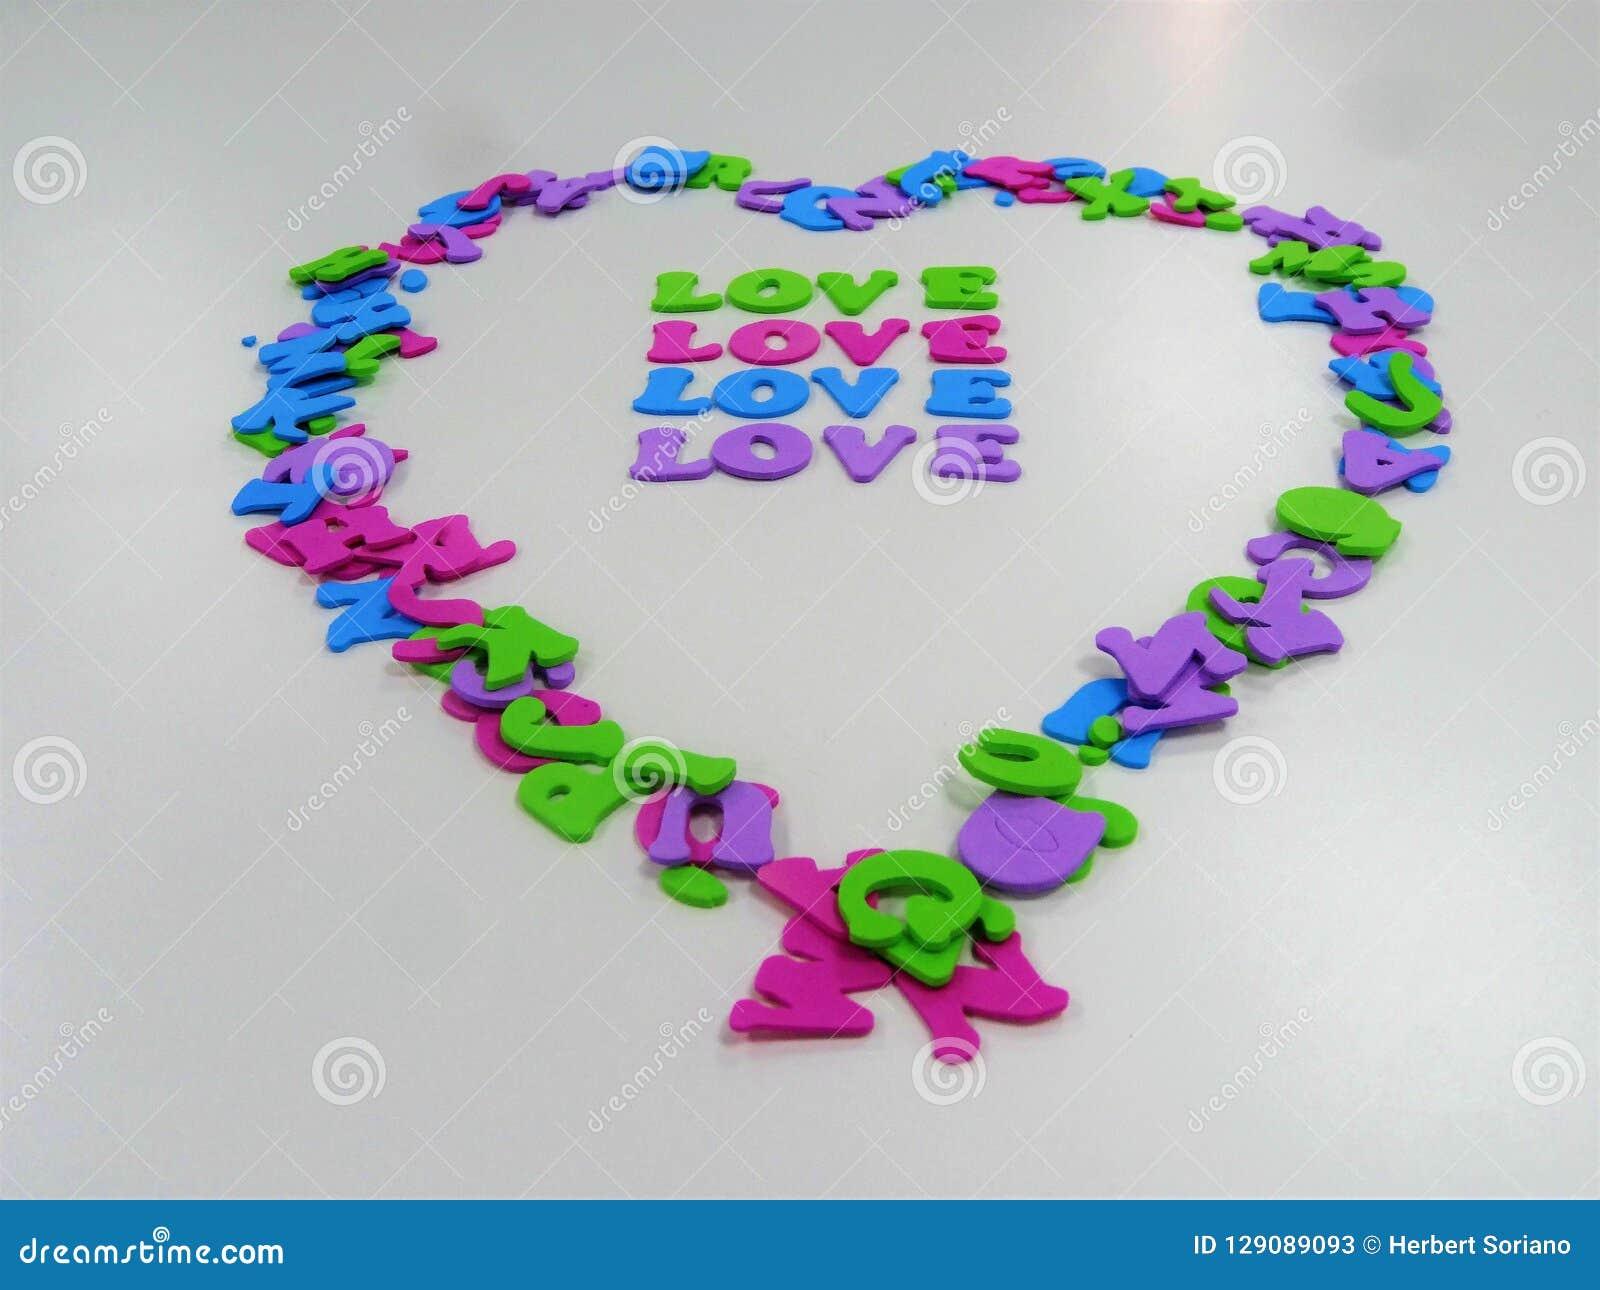 O coração shapped com letras com o amor da palavra nele